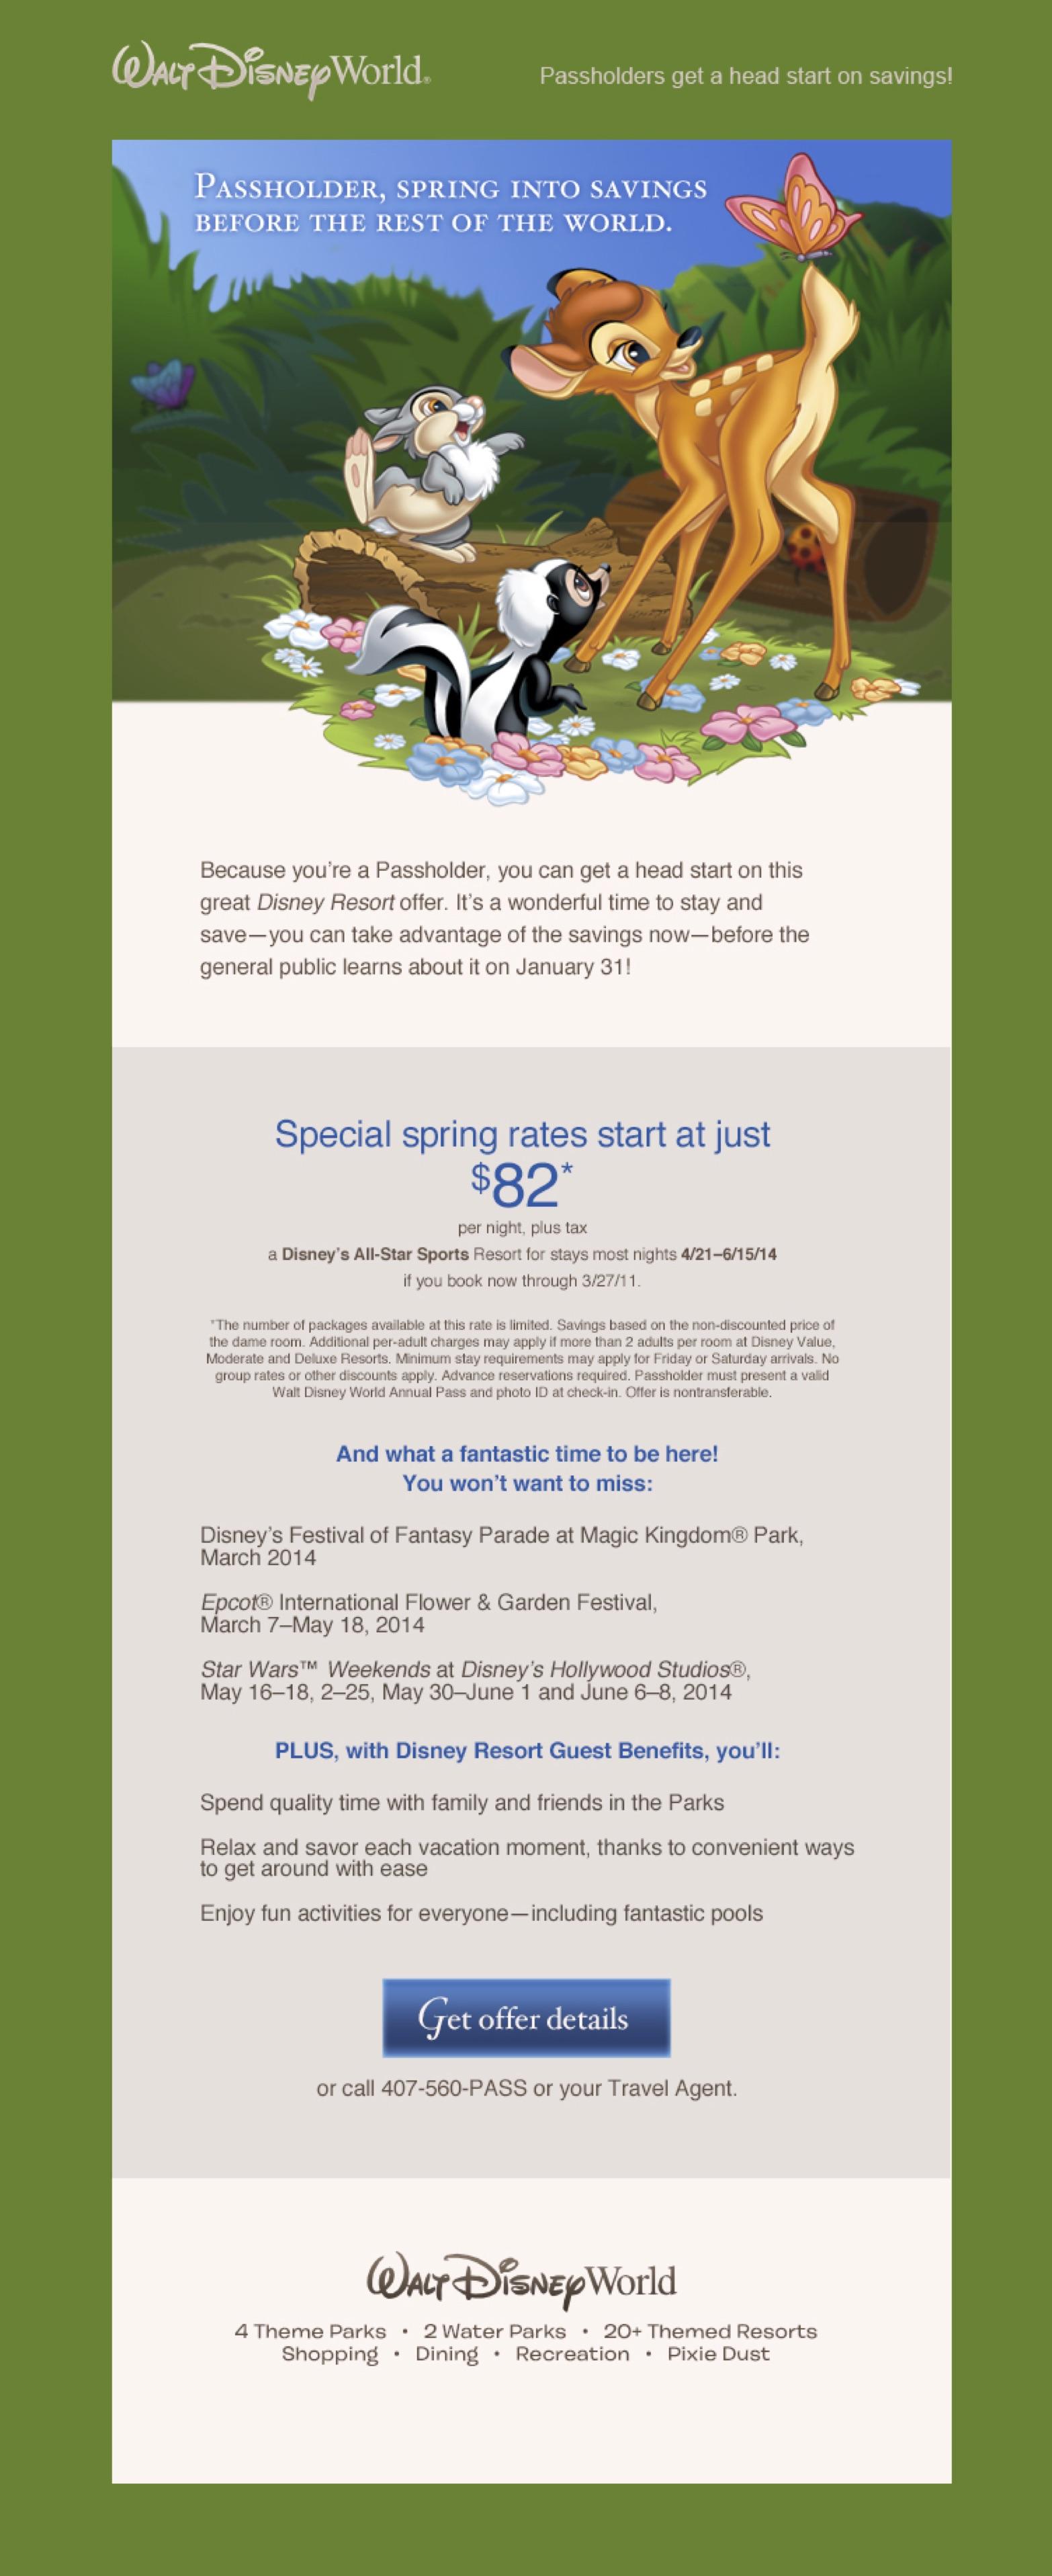 Q3-Resort-Offer-Email-bambi.jpg